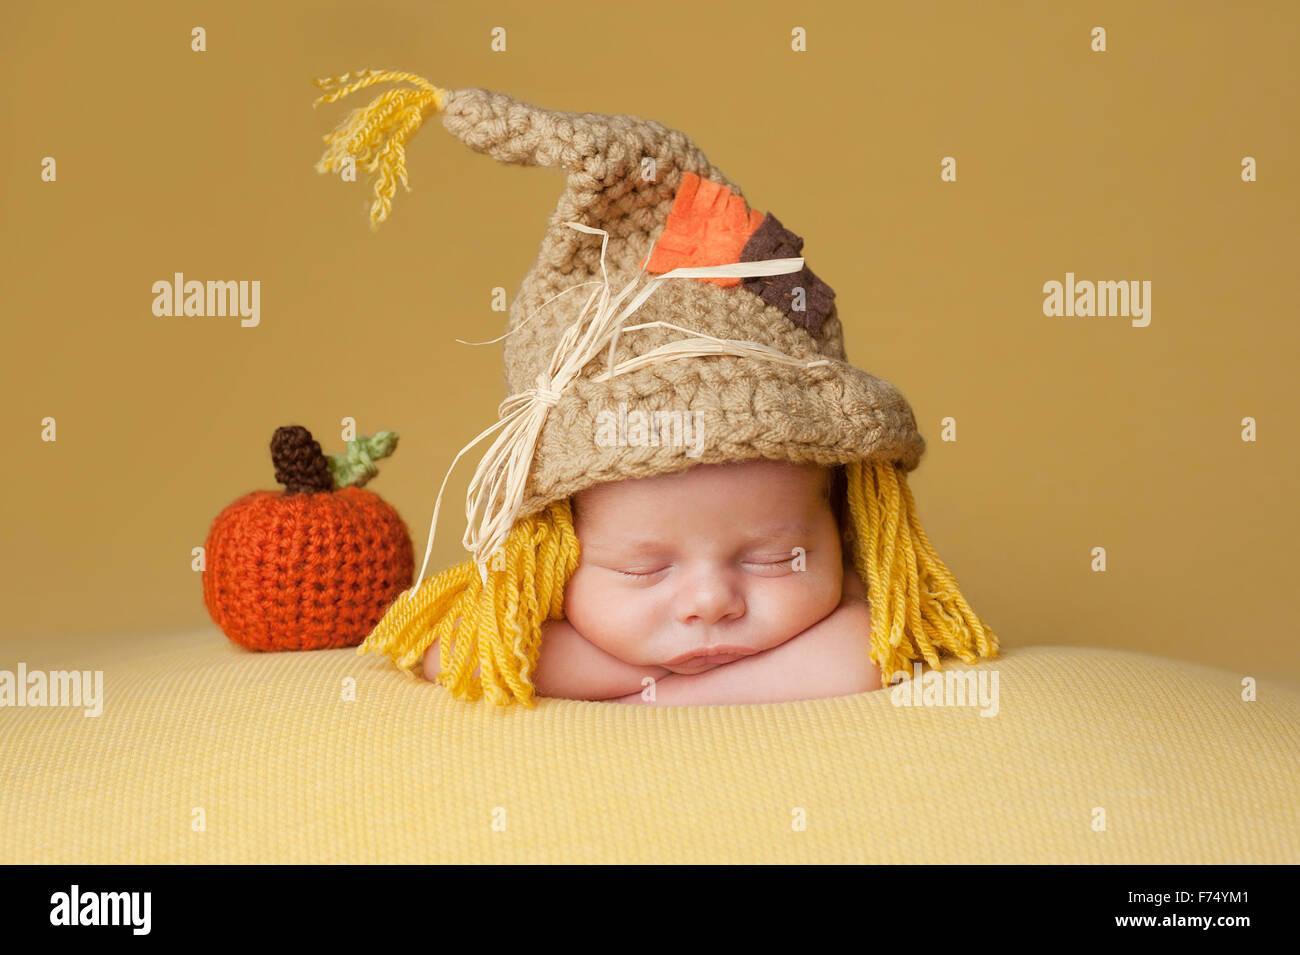 138eb27de Cuatro semanas bebé recién nacido niño usando un ganchillo sombrero del  espantapájaros. Duerme Imagen De